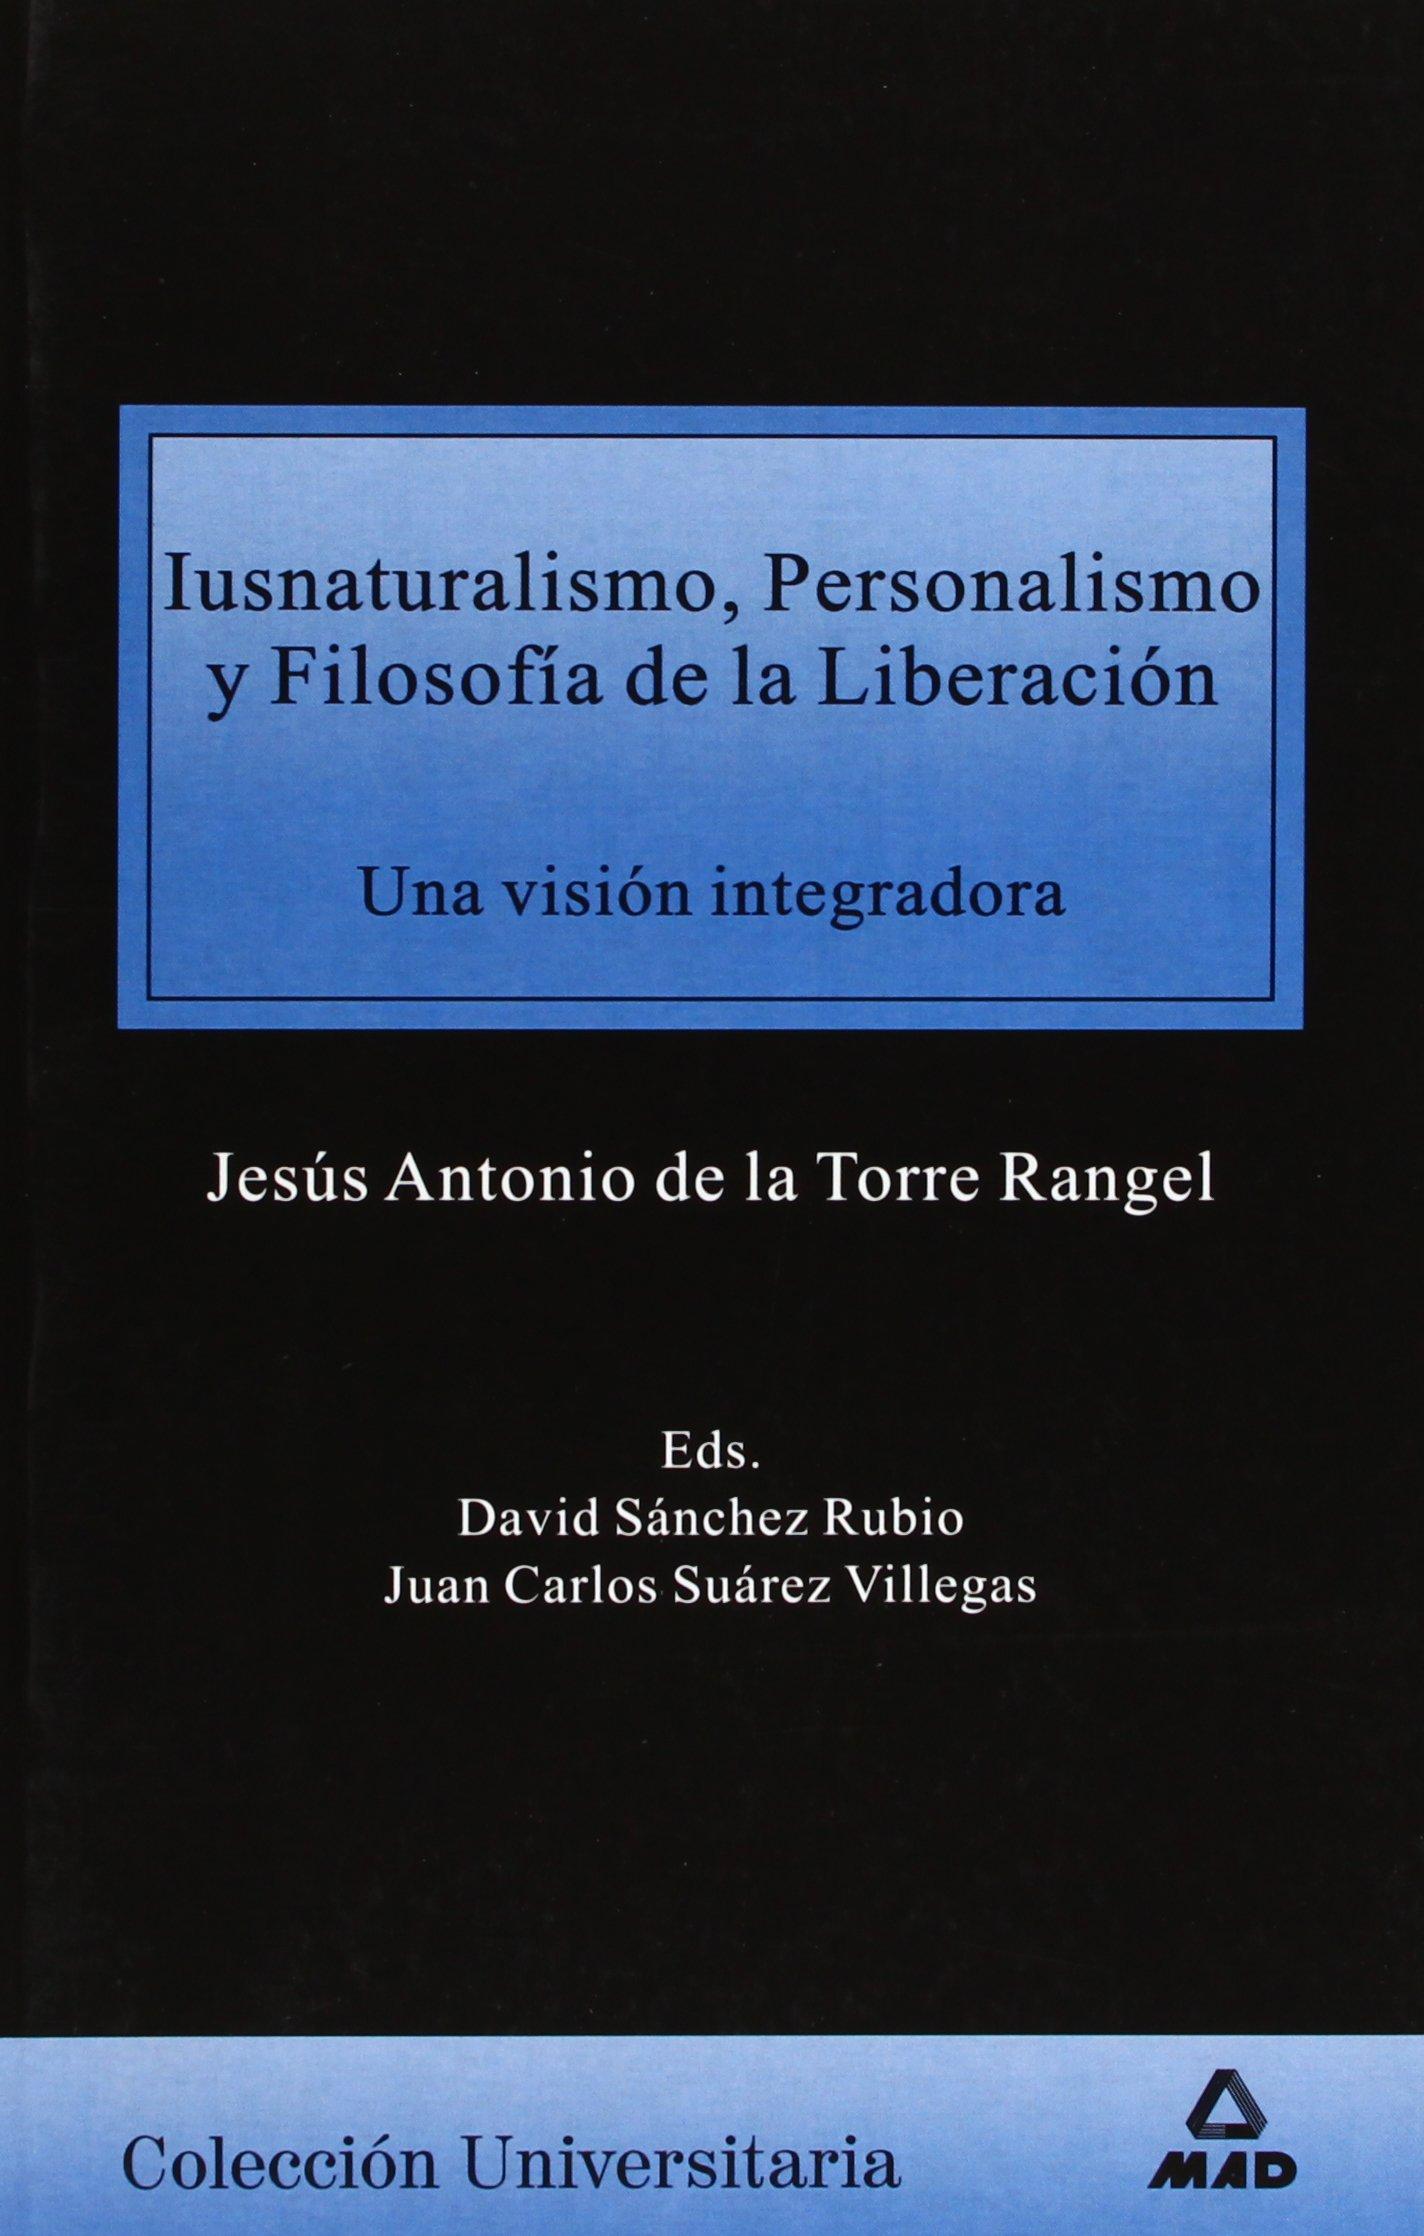 Iusnaturalismo, personalismo y filosofía de la liberación (Spanish Edition)